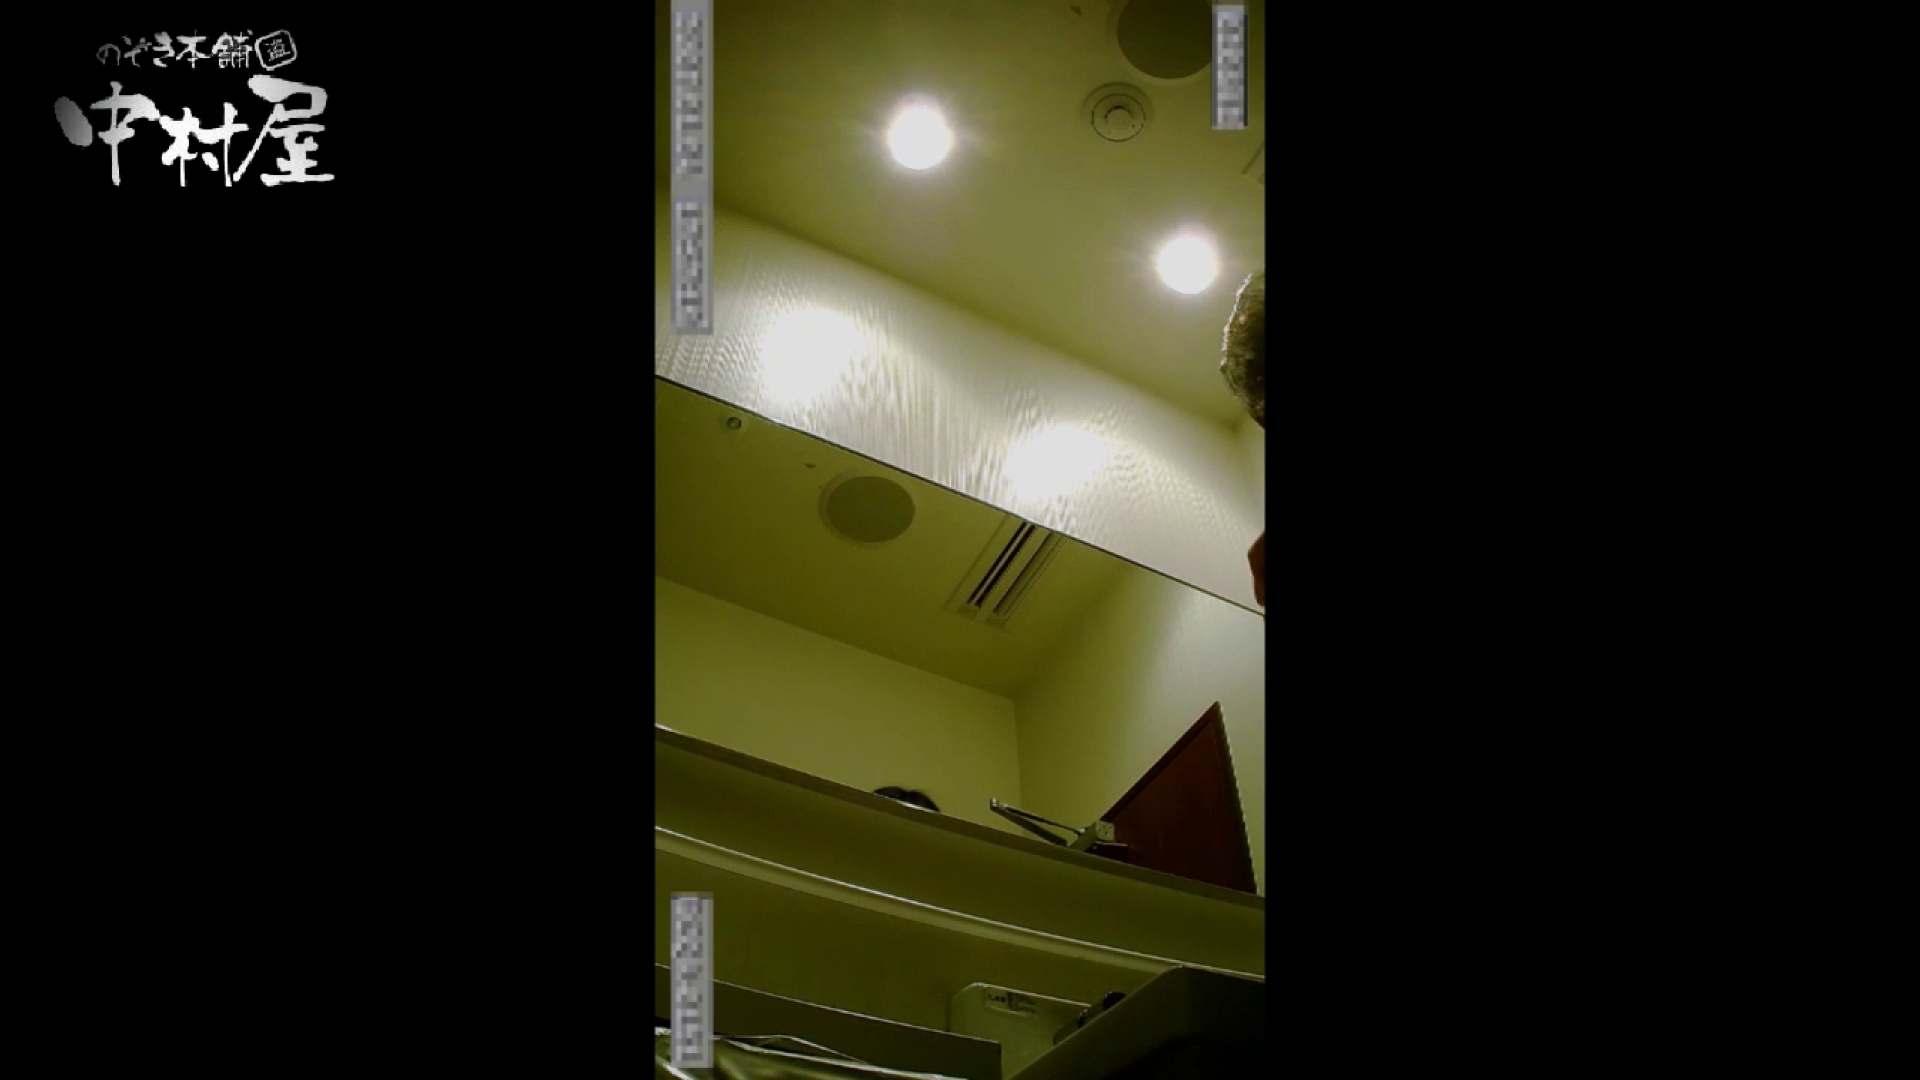 高画質トイレ盗撮vol.13 高画質 覗きおまんこ画像 94pic 14